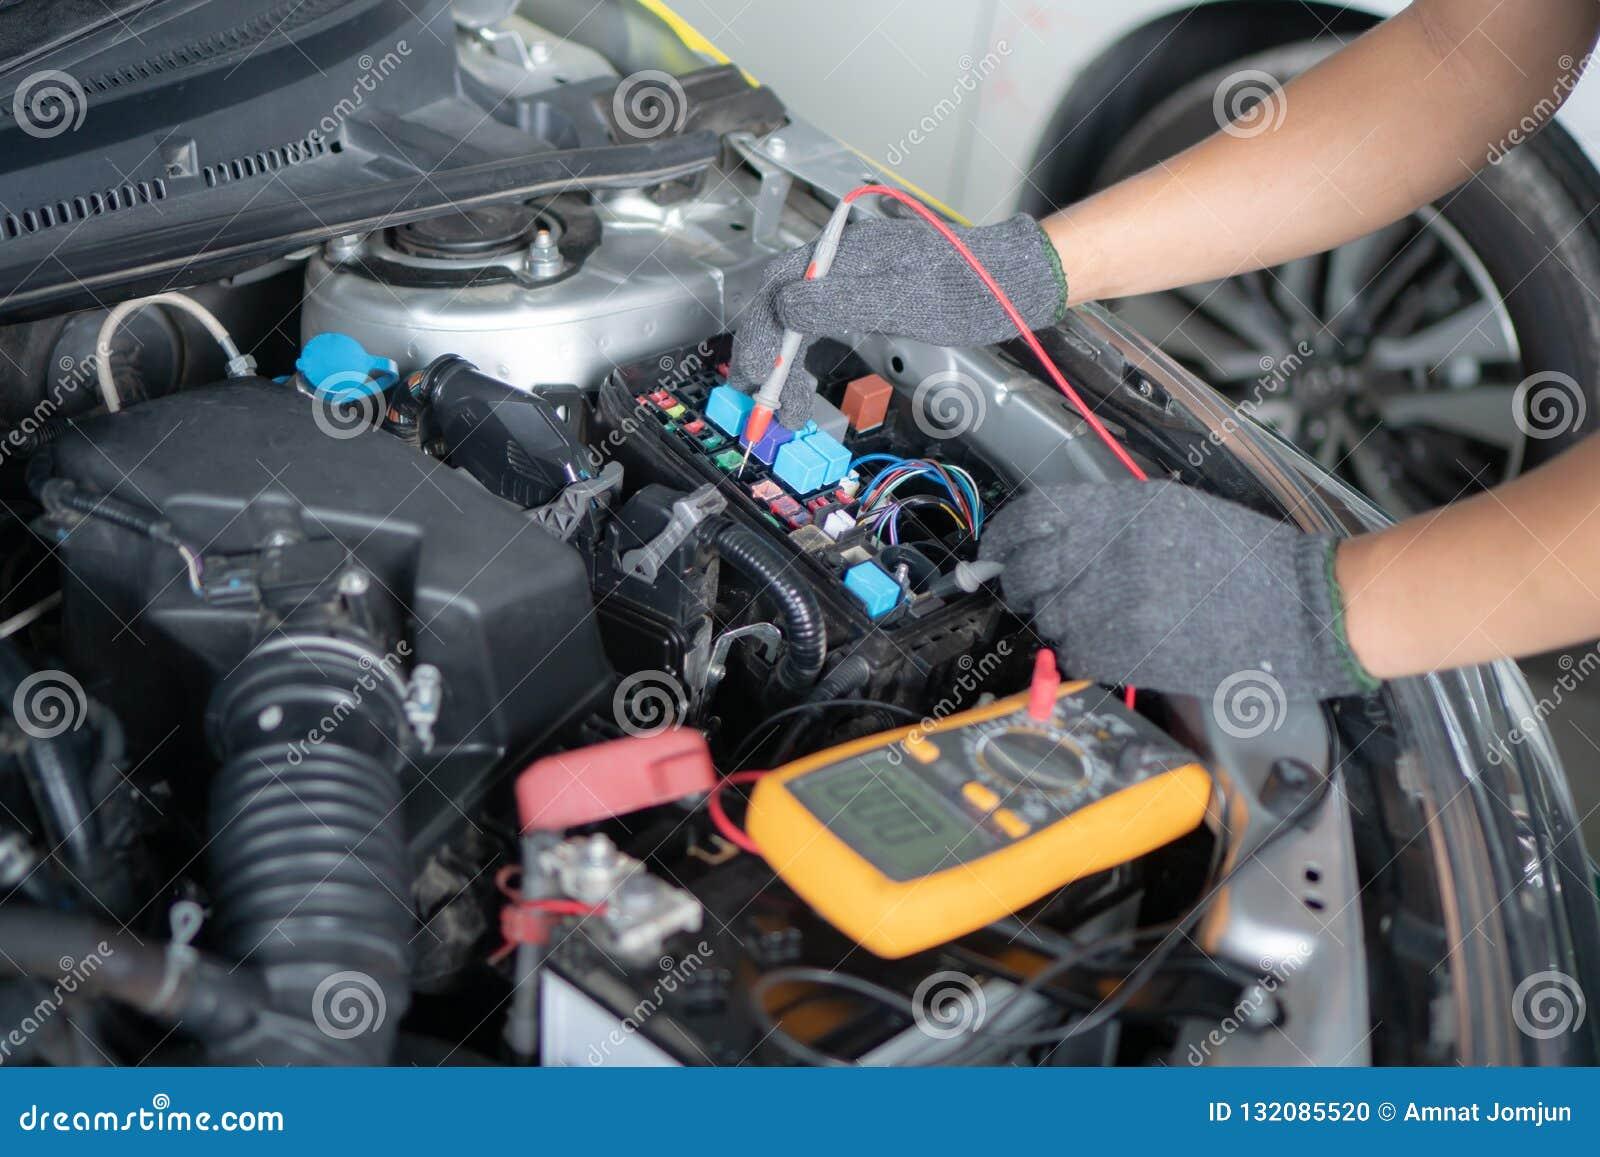 Car Repair And Maintenance >> Car Repair And Maintenance Performing Engine Diagnostics